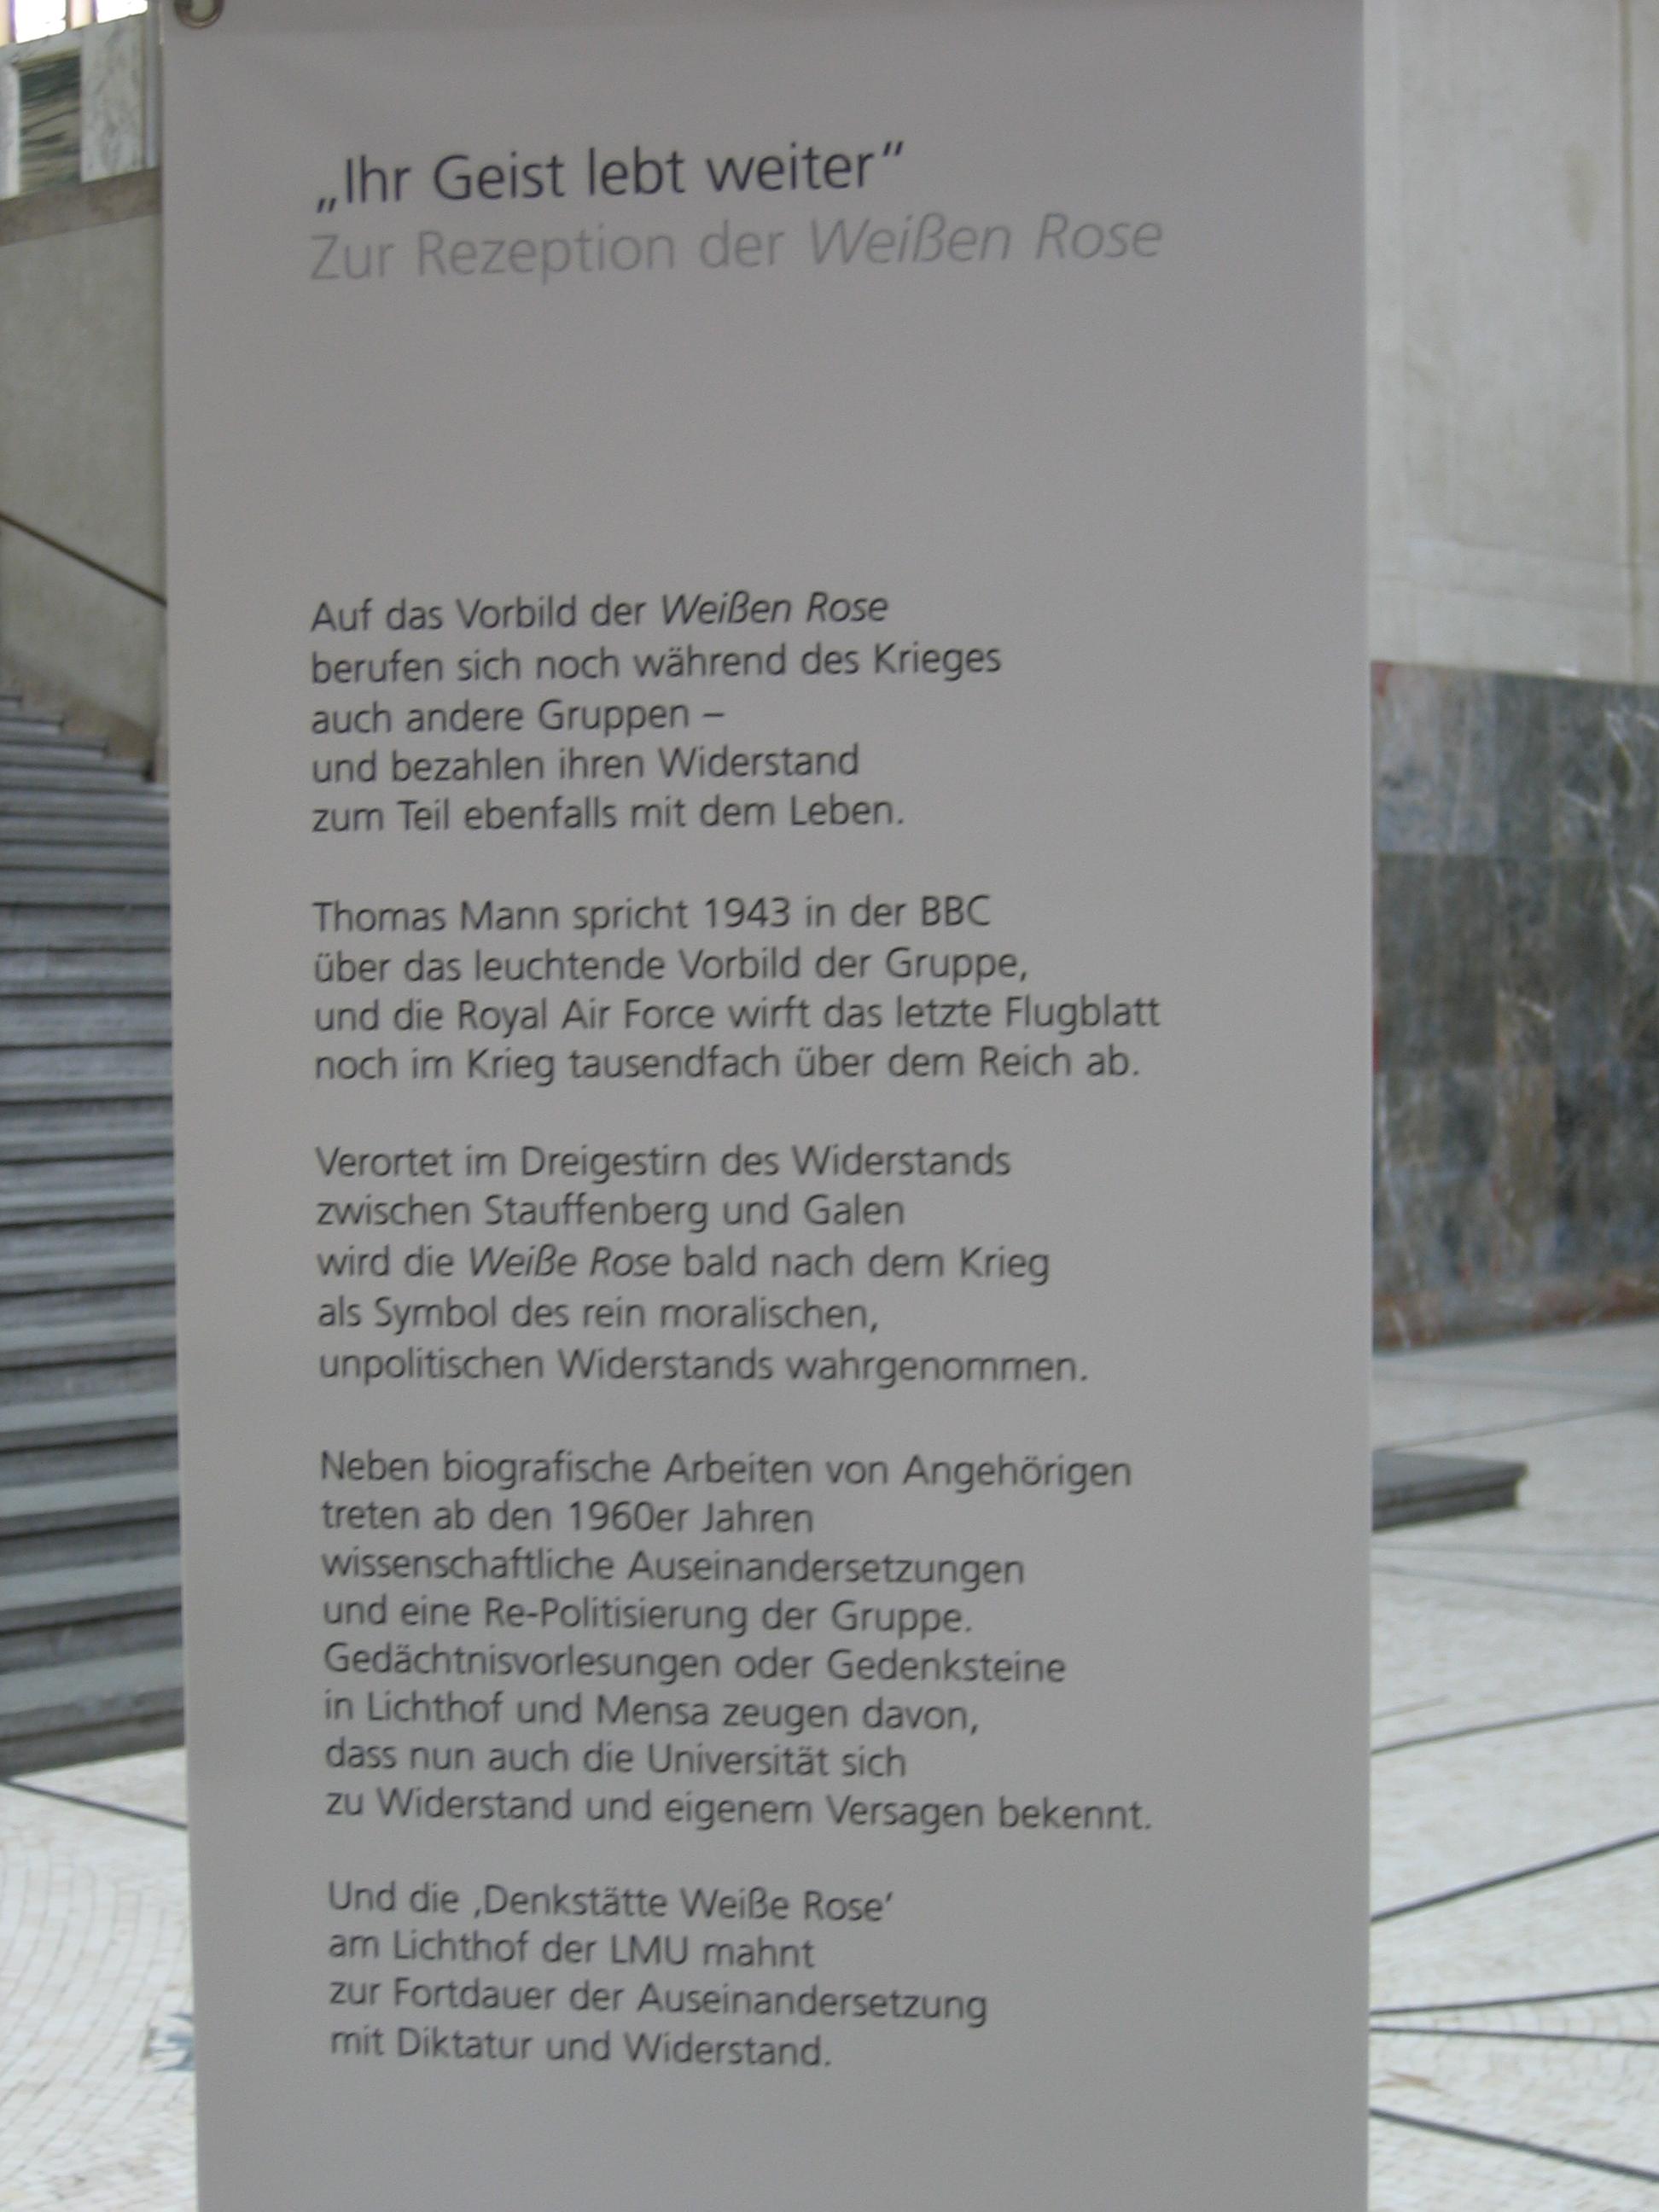 Ausgezeichnet Schematisches Symbol Des Widerstands Galerie ...